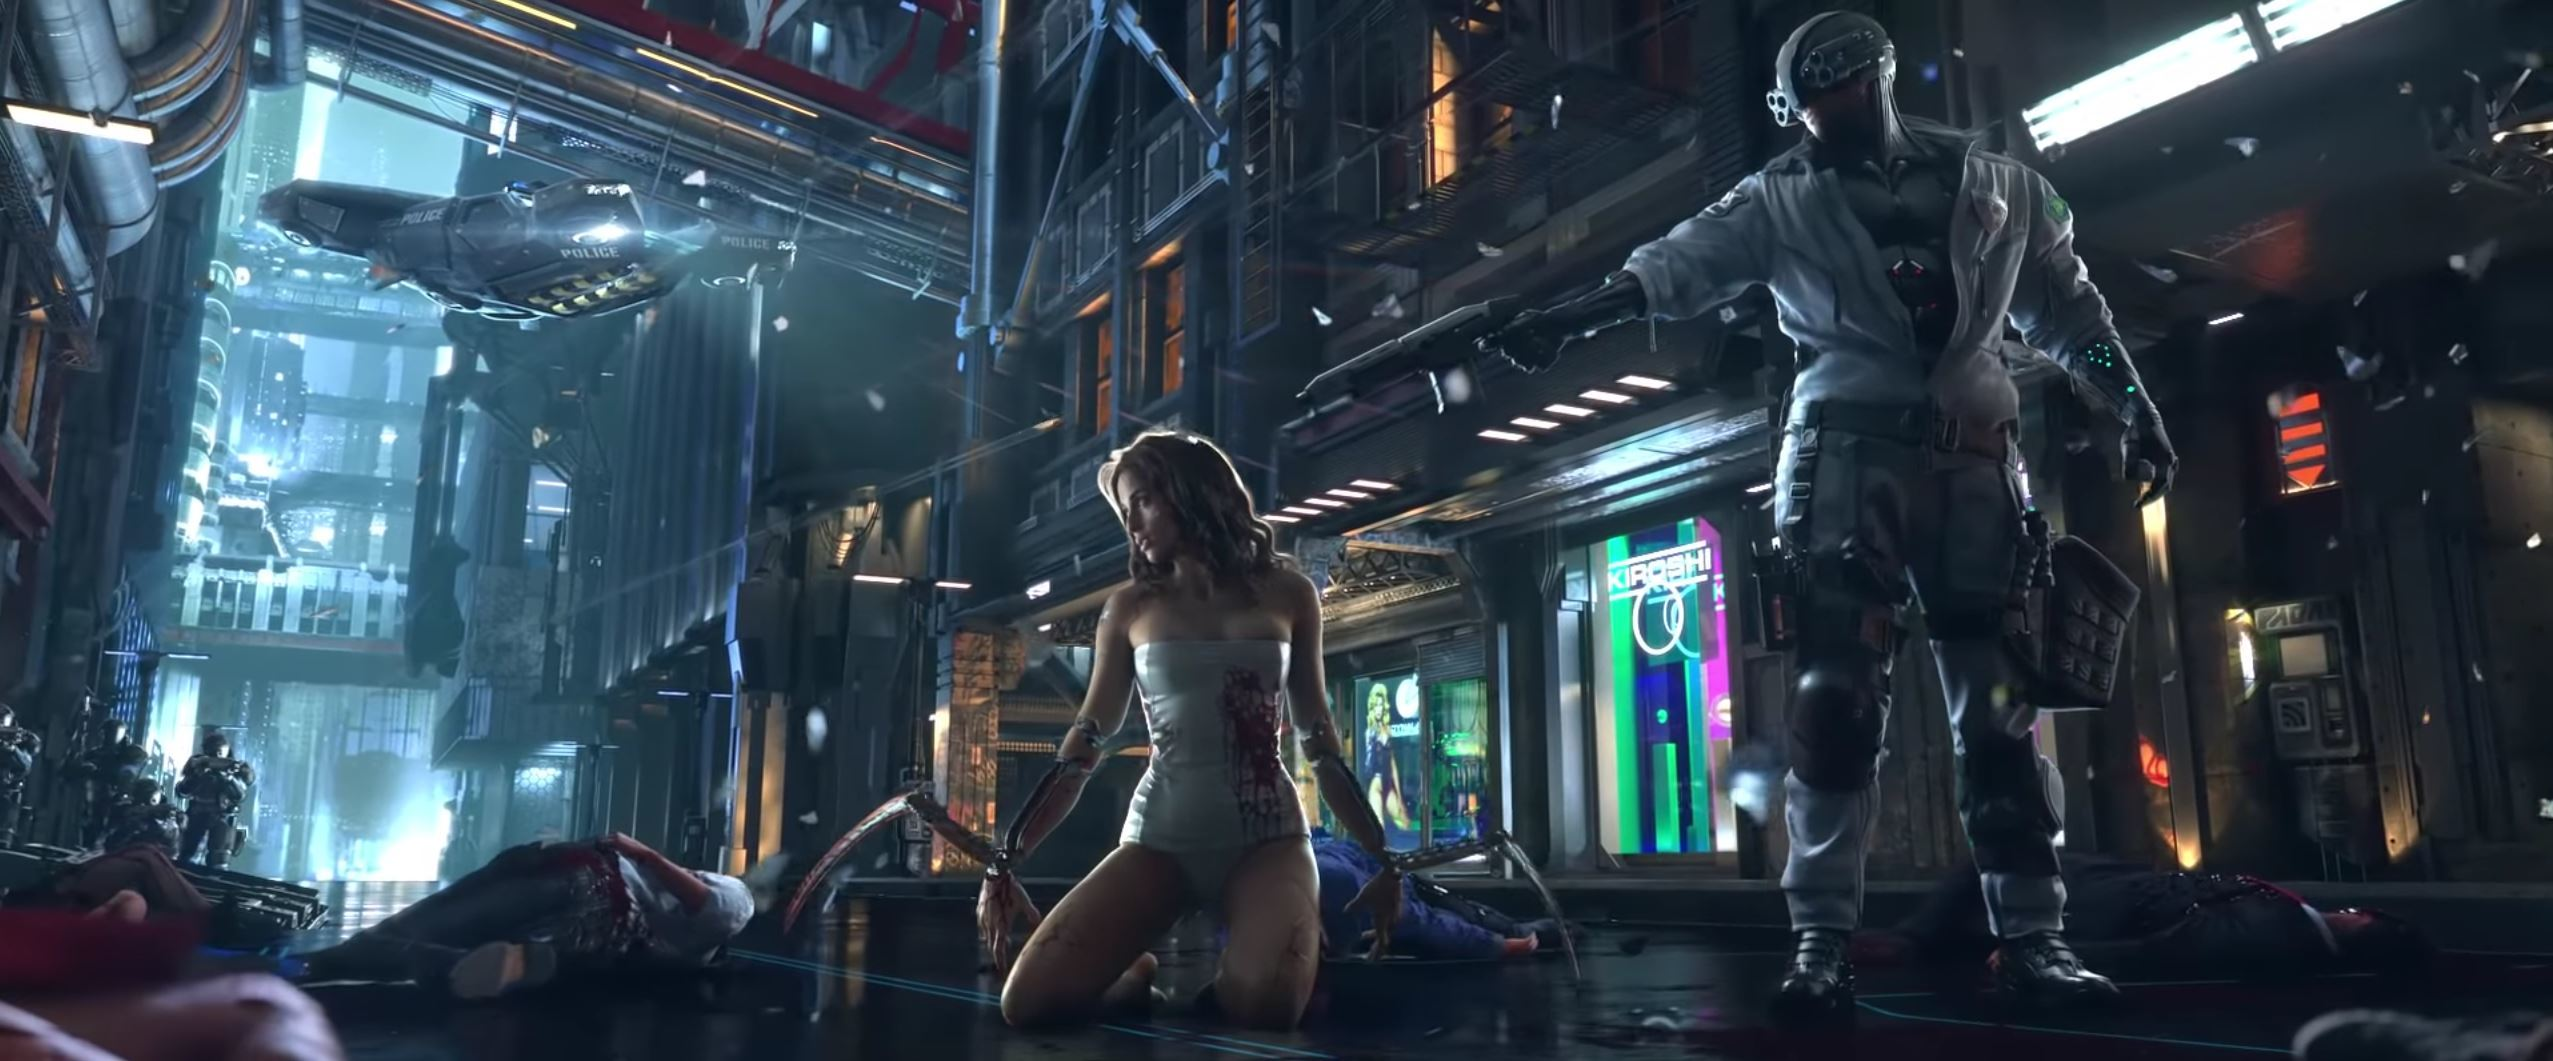 Ce sera finalement en septembre prochain que les joueurs pourront mettre la main sur Cyberpunk 2077